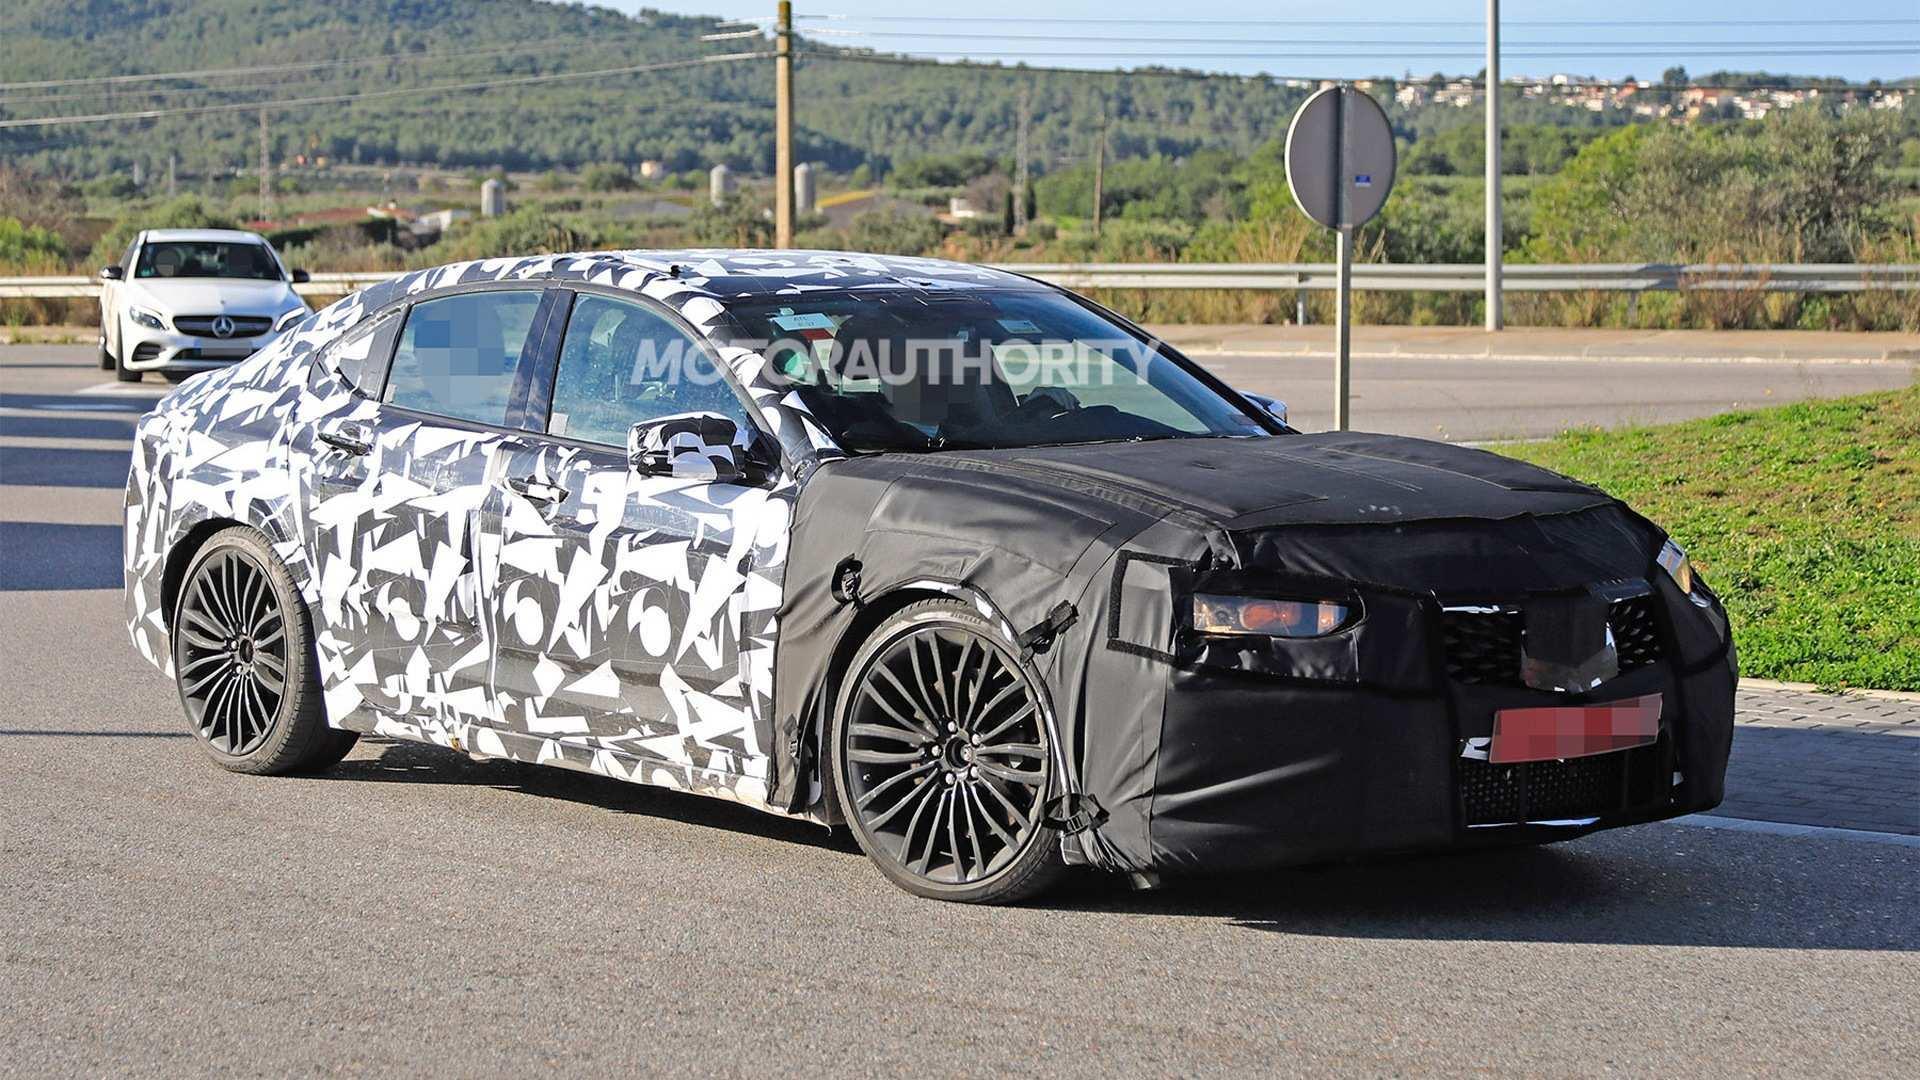 18 The 2020 Acura Mdx Spy Shots Spesification with 2020 Acura Mdx Spy Shots